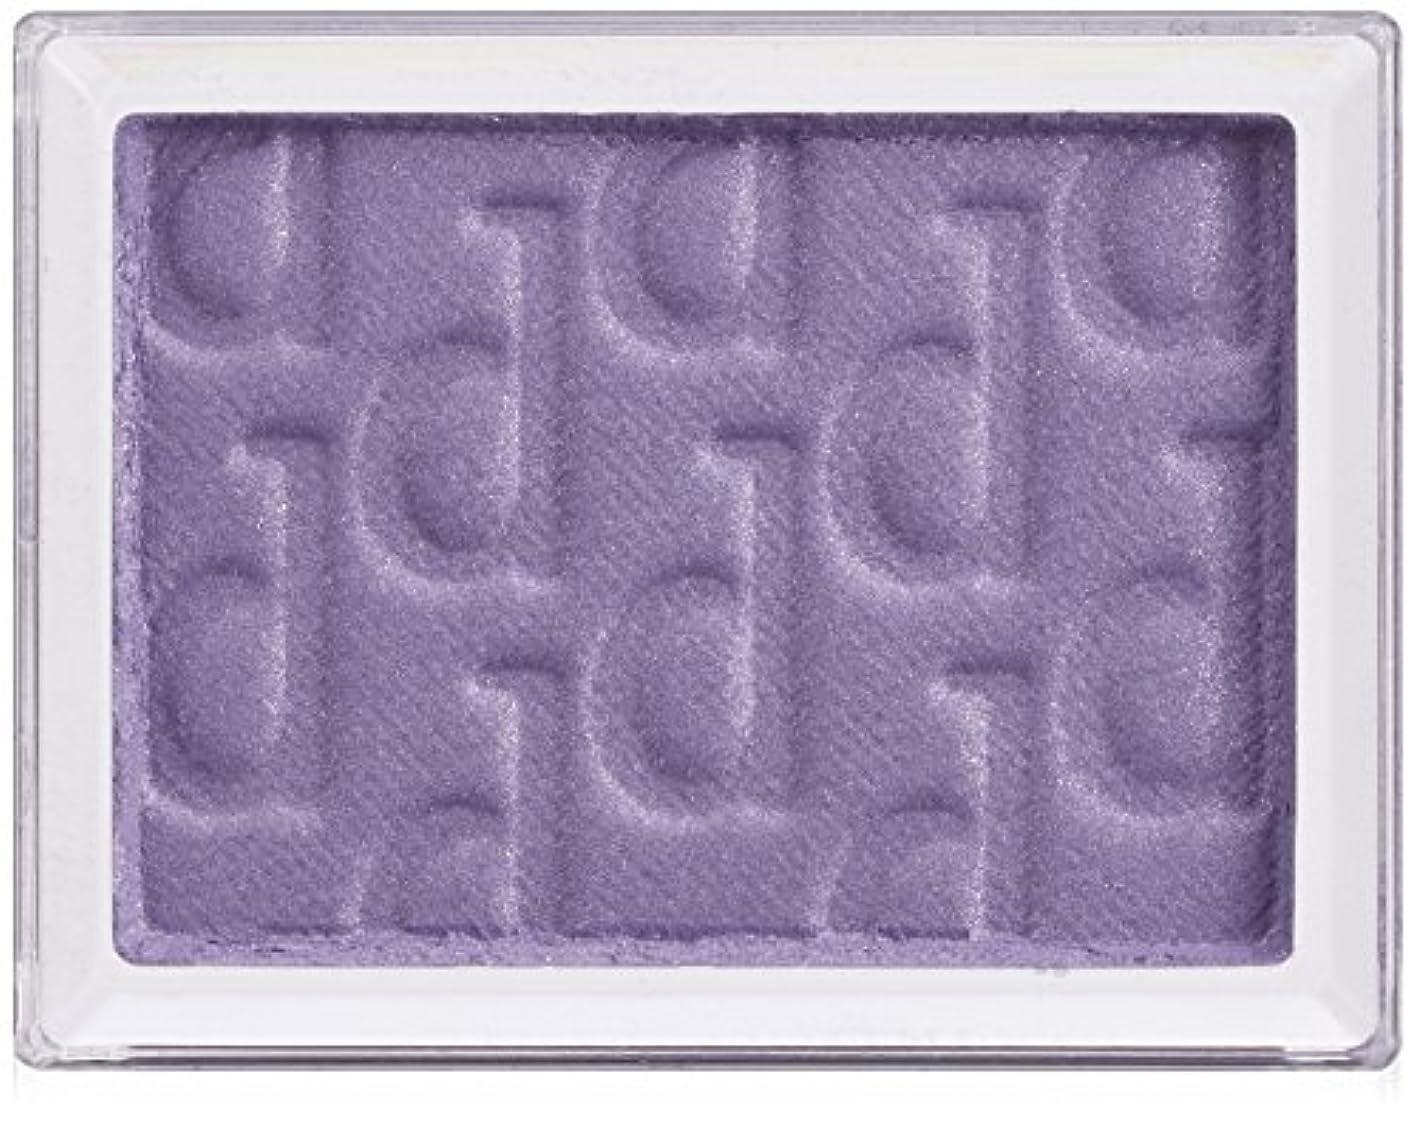 横たわる属性国際d プログラム アイトリートメントカラー VI755 アイシャドウ (レフィル) 1.5g